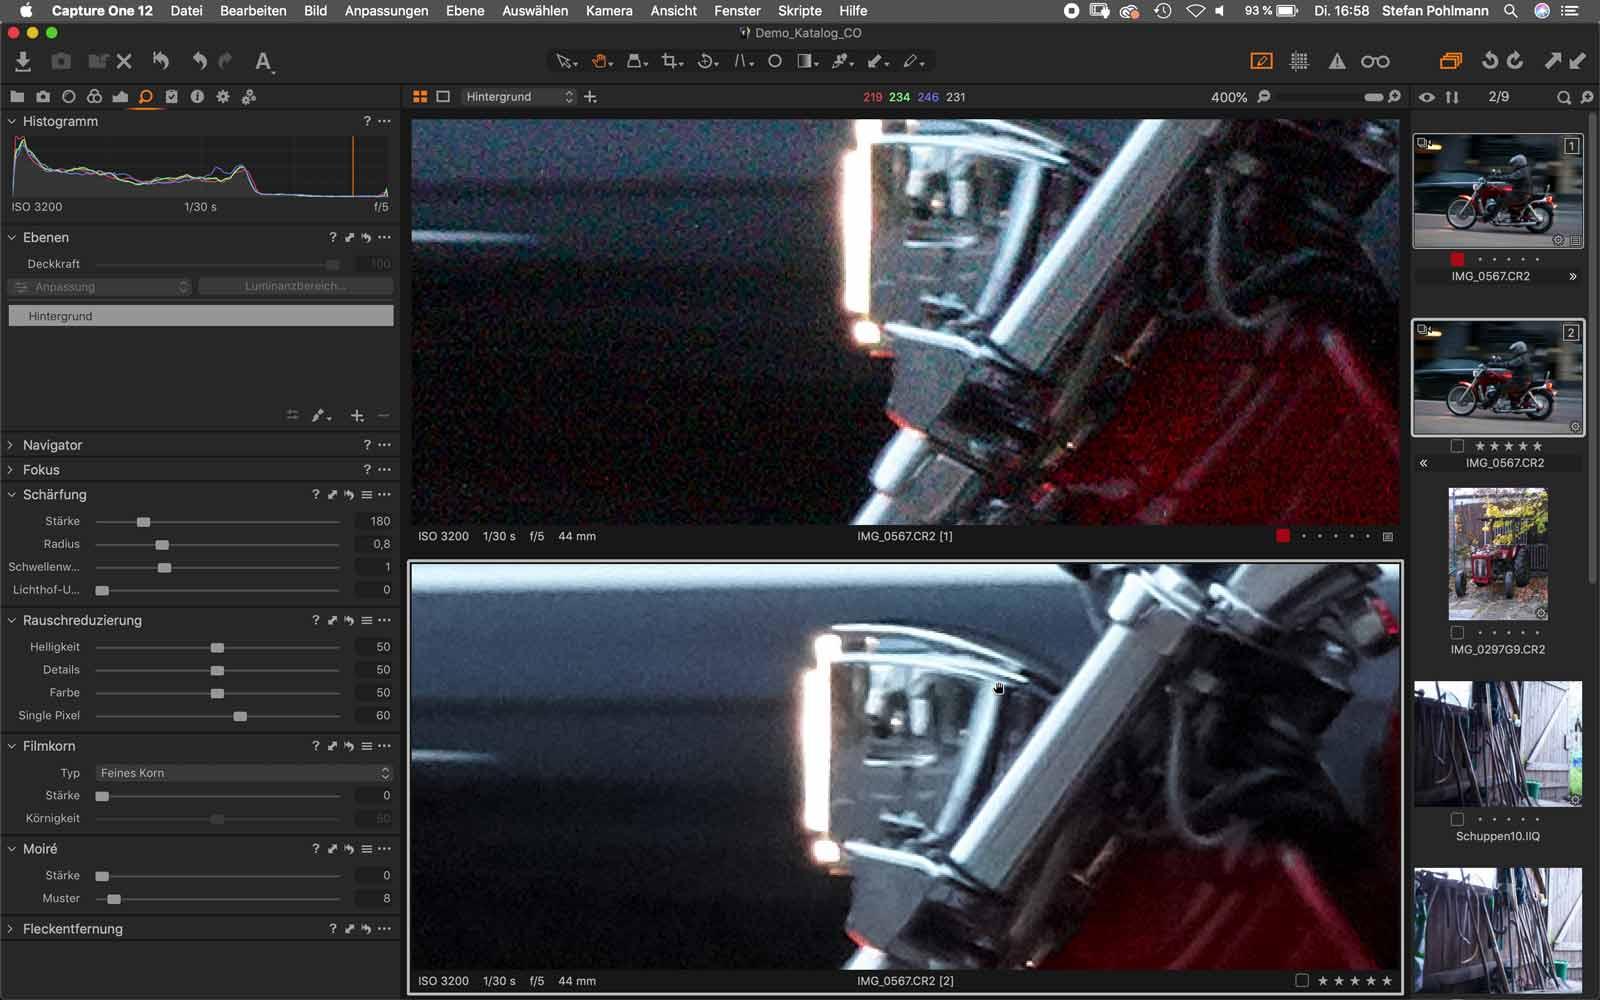 Rauschreduzierung Bildbearbeitungssoftware Capture One